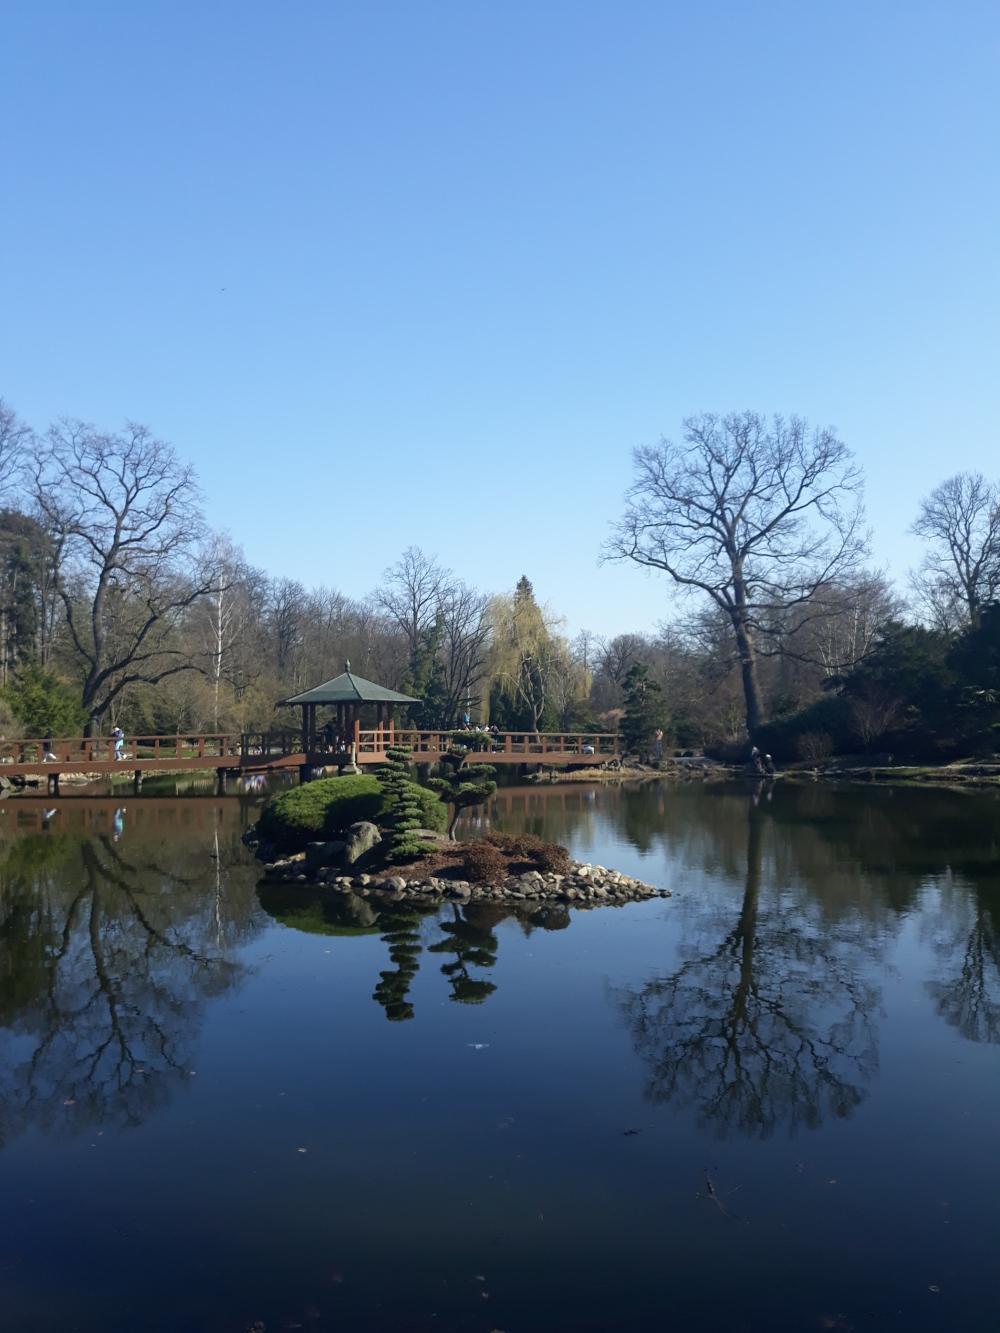 Wroclaw Giardino giapponese